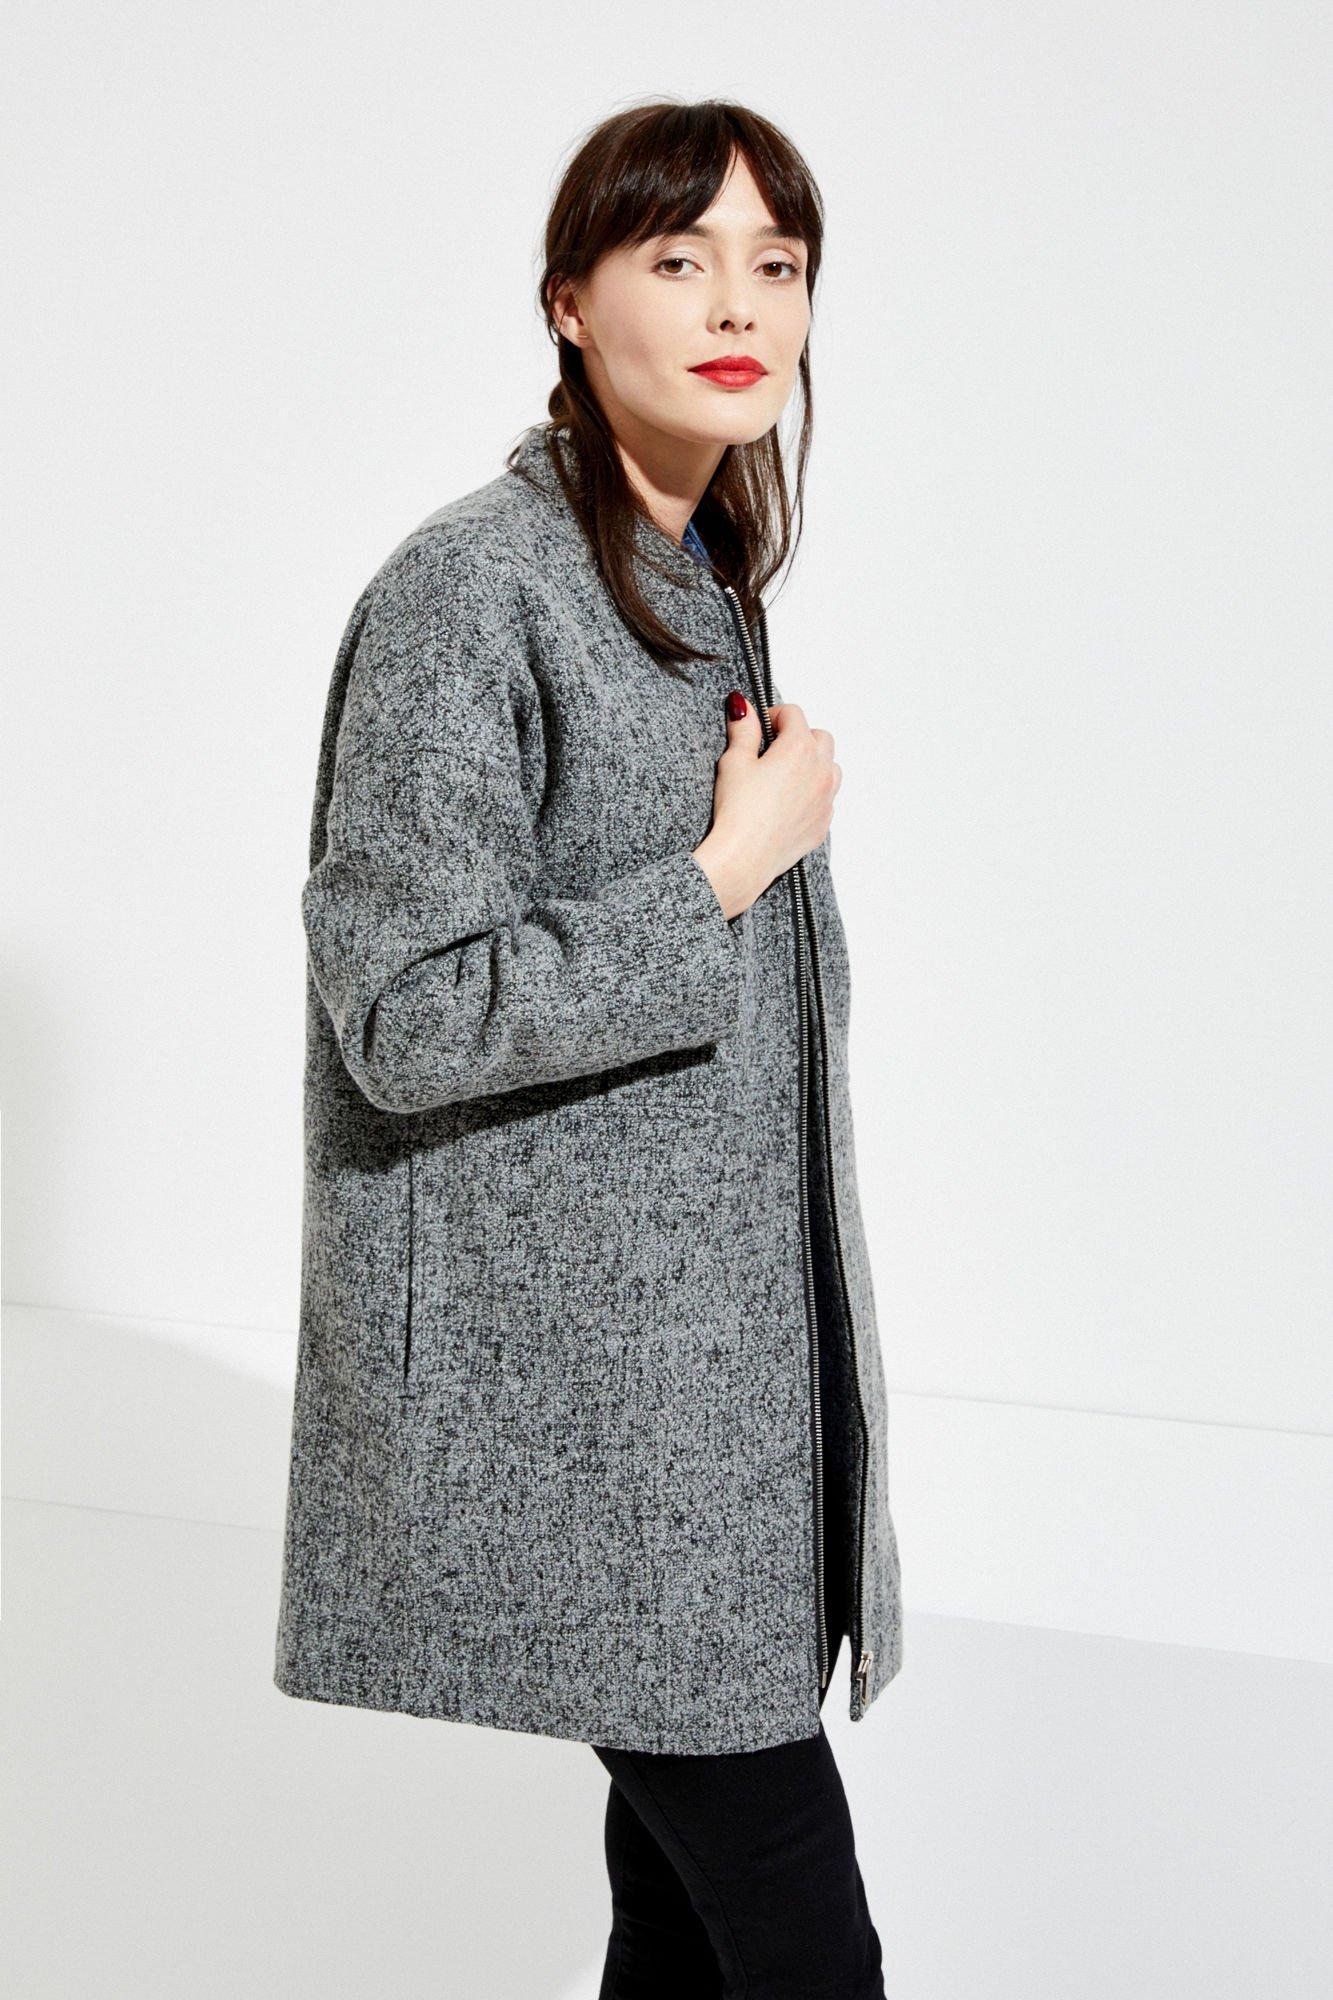 Kurtki, Płaszcze - Eleganckie i Wygodne Kolekcje ciepłych płaszczy damskich w trueiuptaf.gq Kurtki, Płaszcze Płaszcze i kurtki w różnym stylu. Klasyczne półdługie kurtki oraz płaszczyki, które można narzucić na ramiona w cieplejsze dni oraz przytulne, ciepłe płaszcze na brzydką pogodę z .